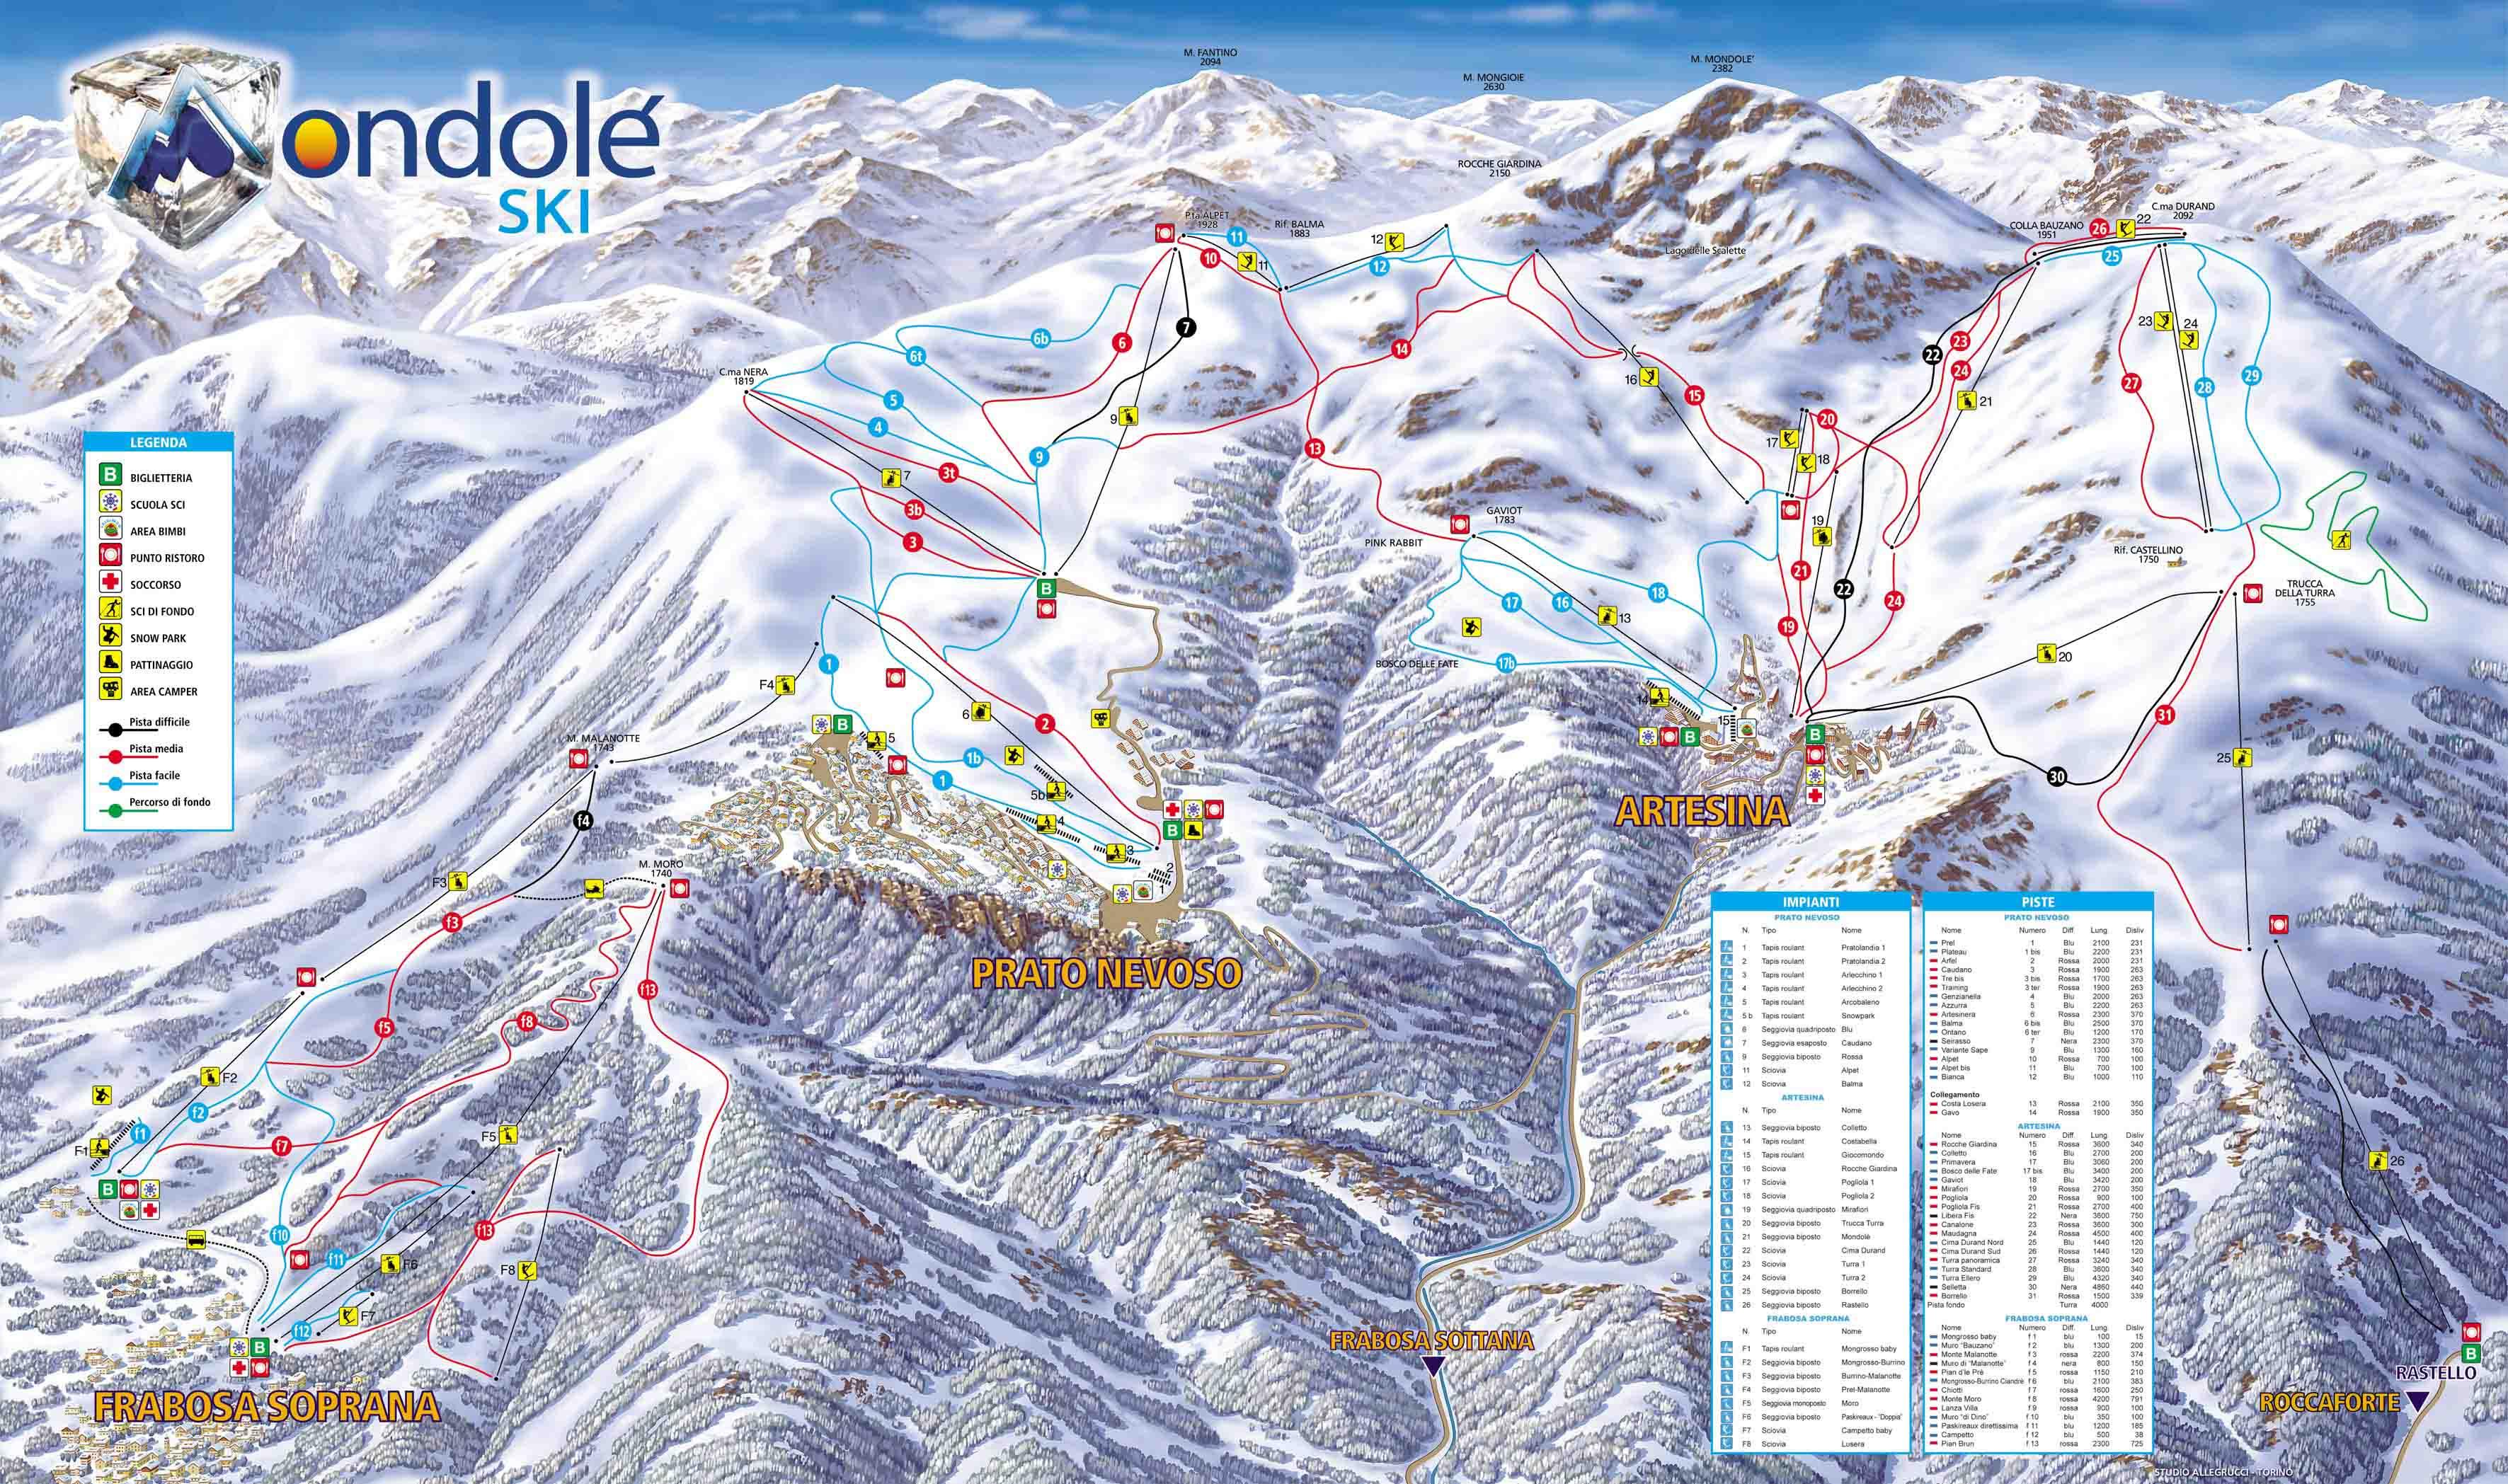 イタリア・Mondolèスキー場